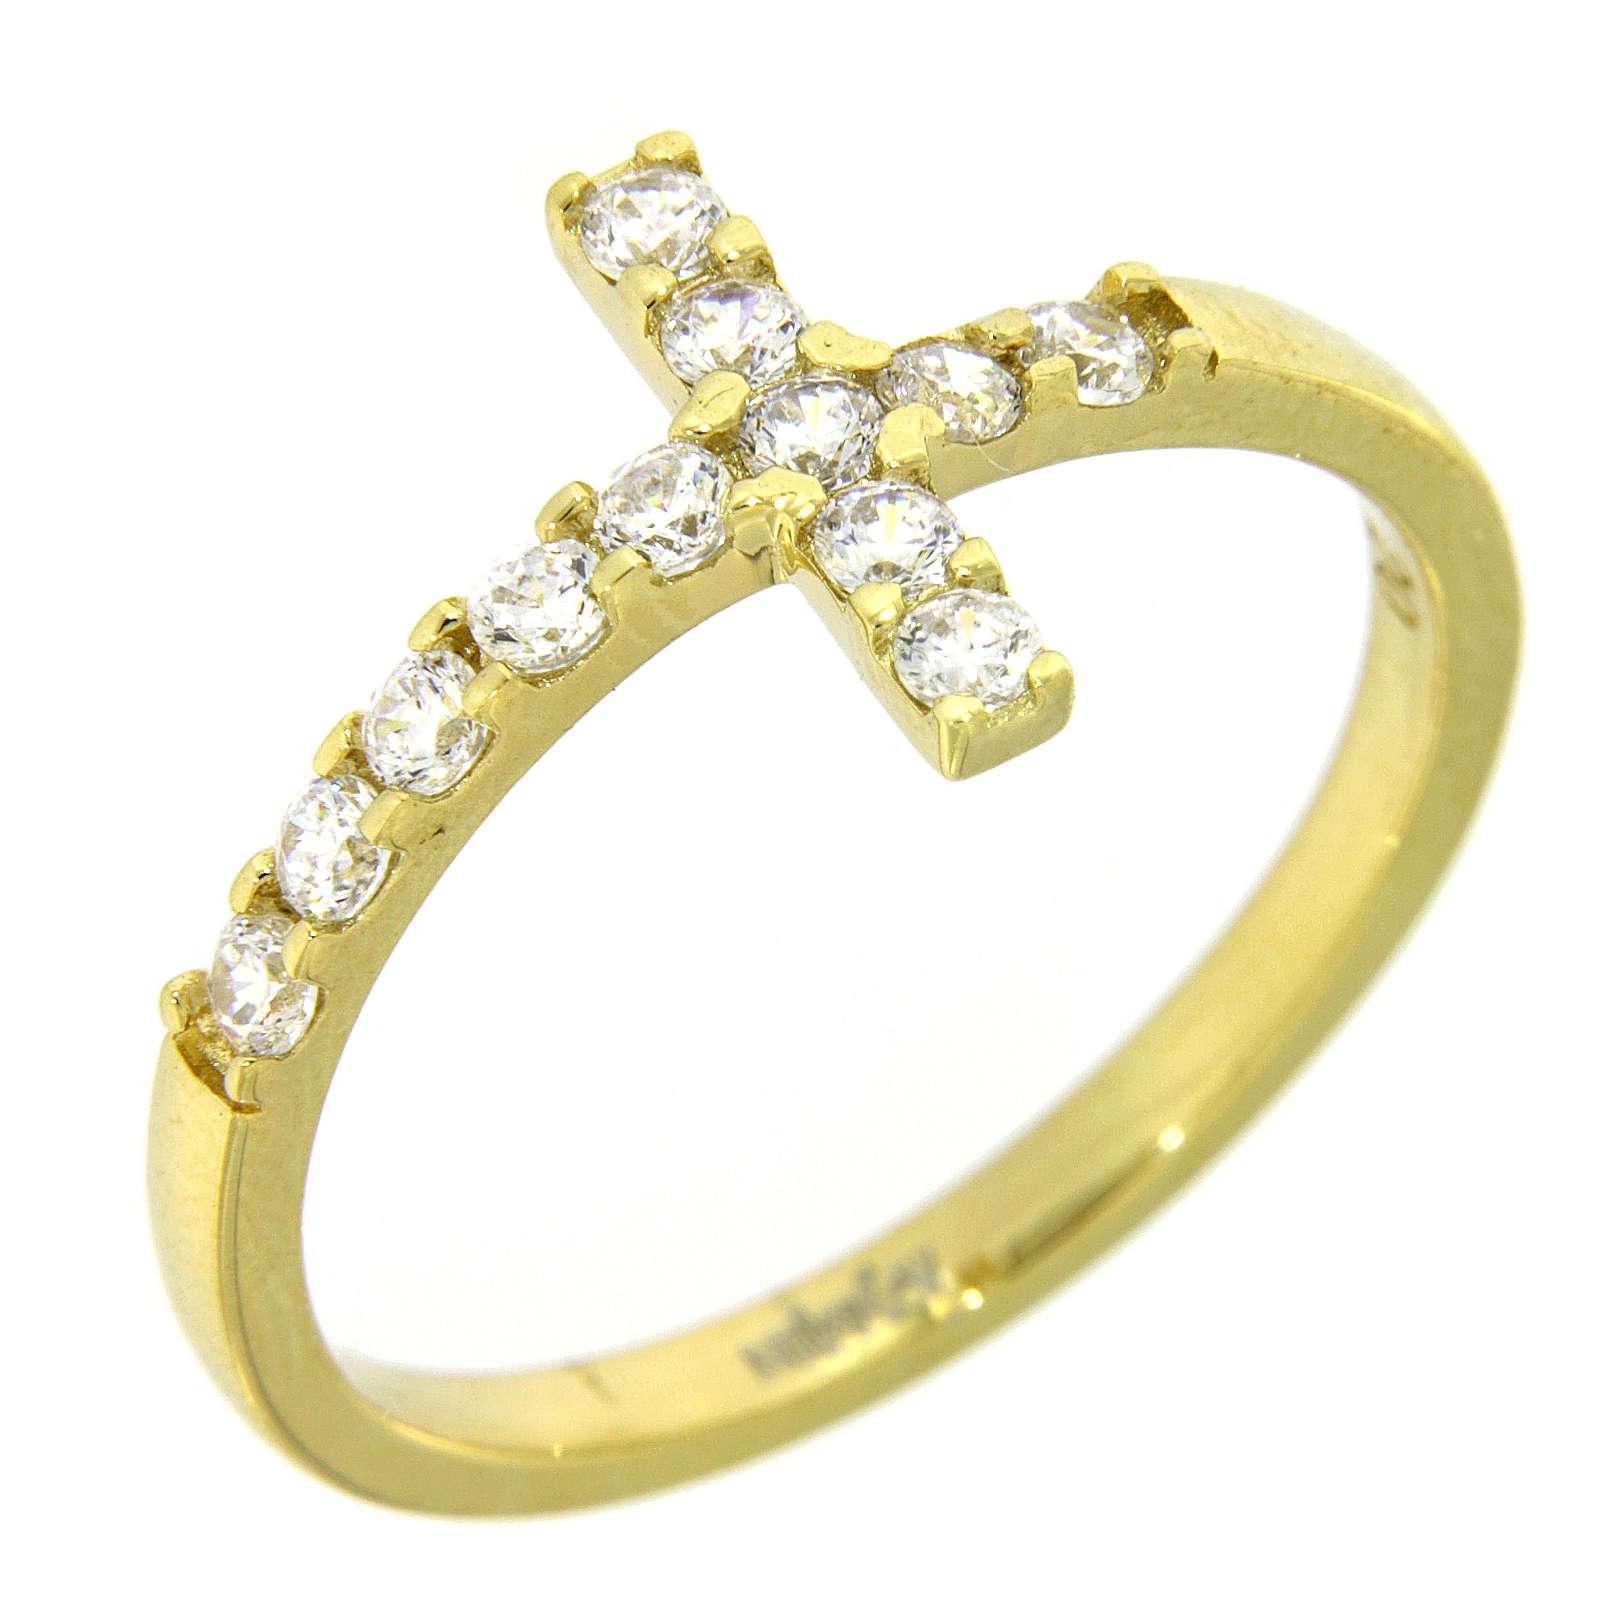 Ring AMEN Cross gilded silver 925, white zircons 3